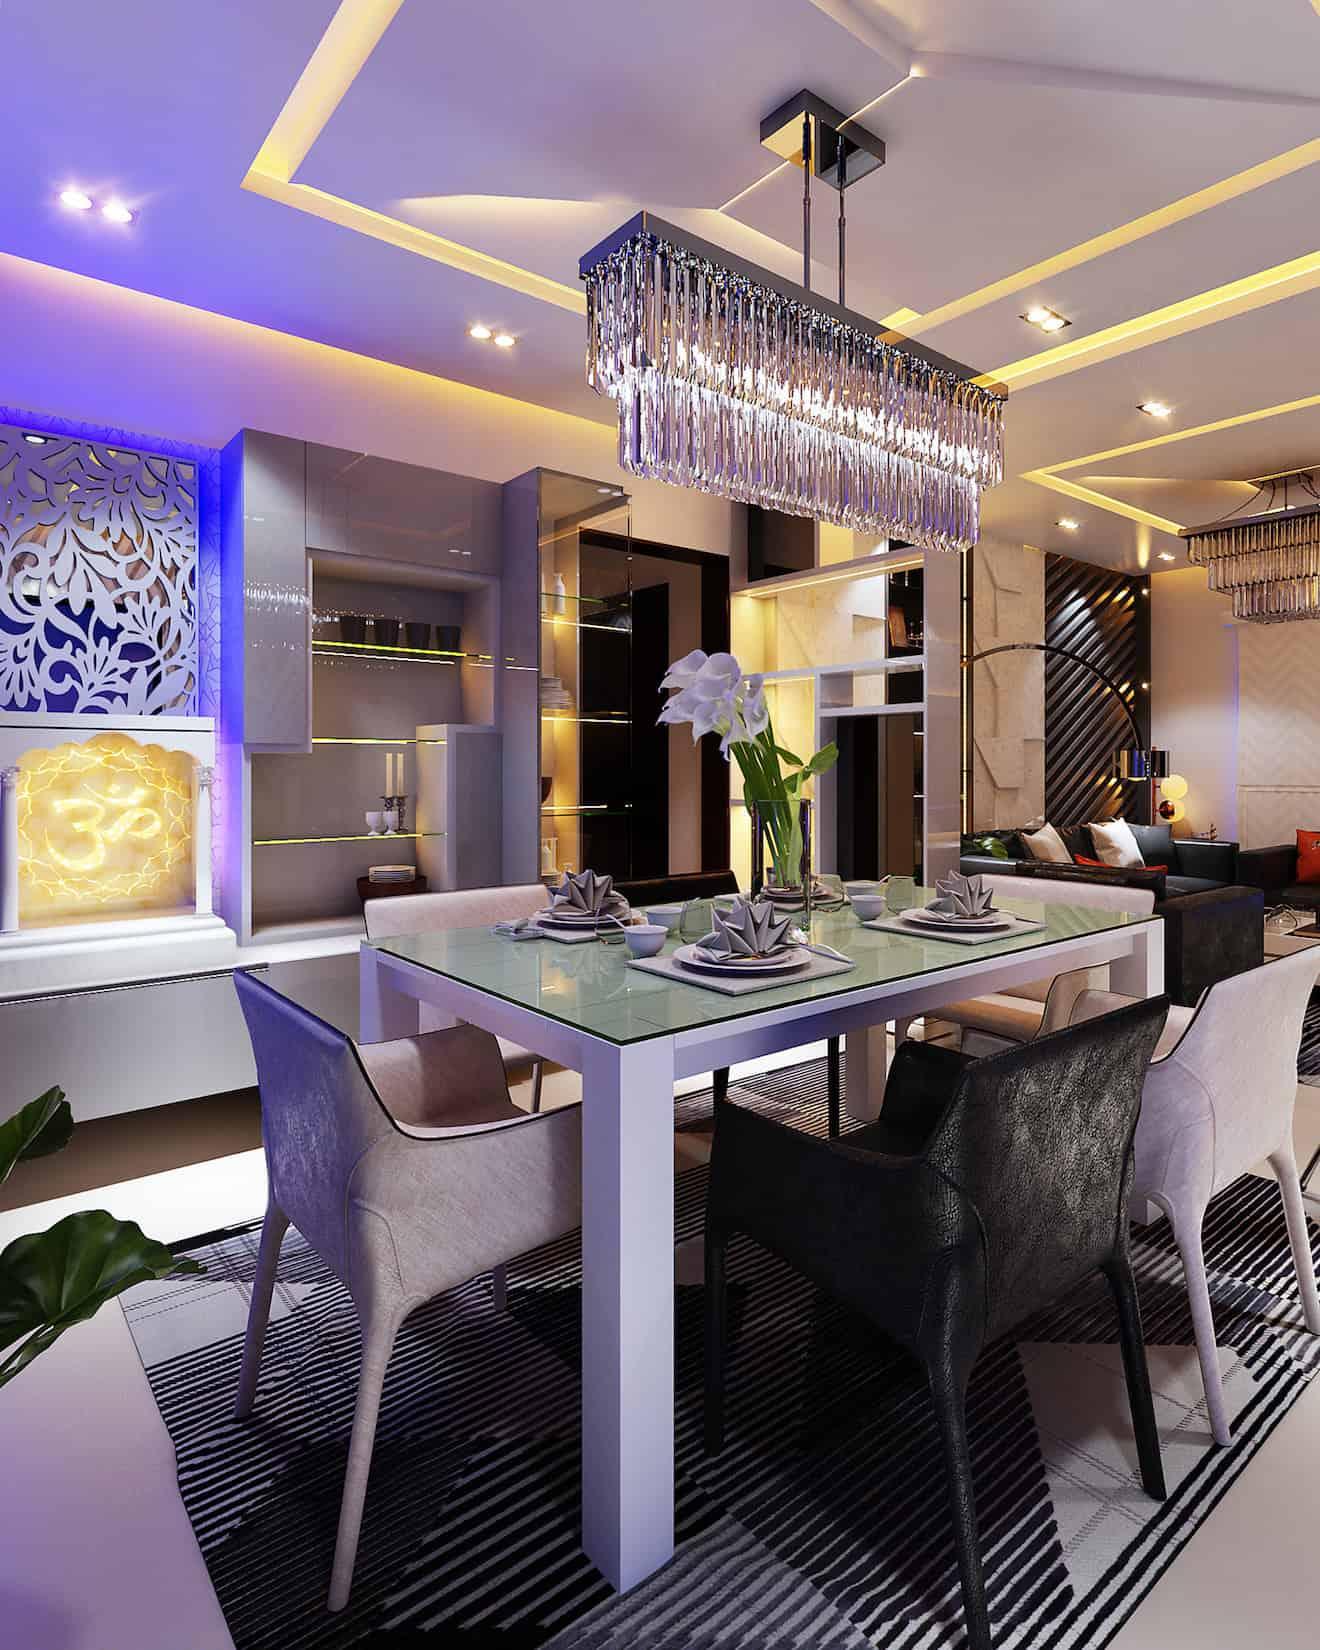 Living Room Interior Designers In Bangalore: Interior Designers In Bangalore